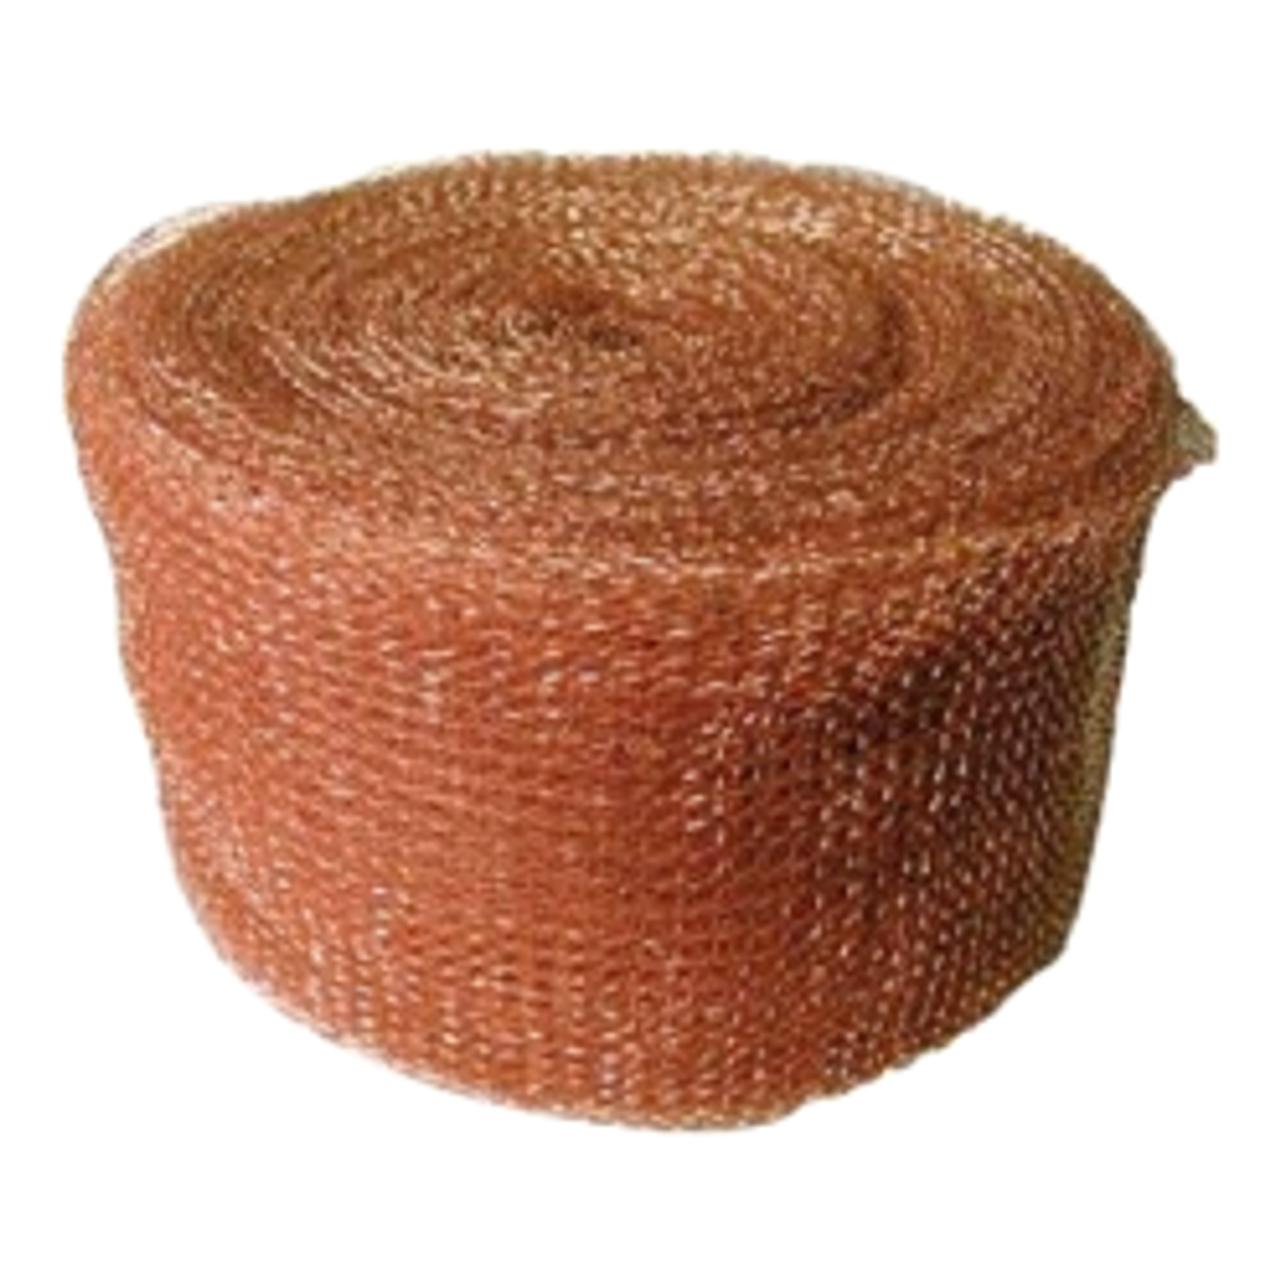 Multi-Purpose Copper Mesh (Copper Gauze)